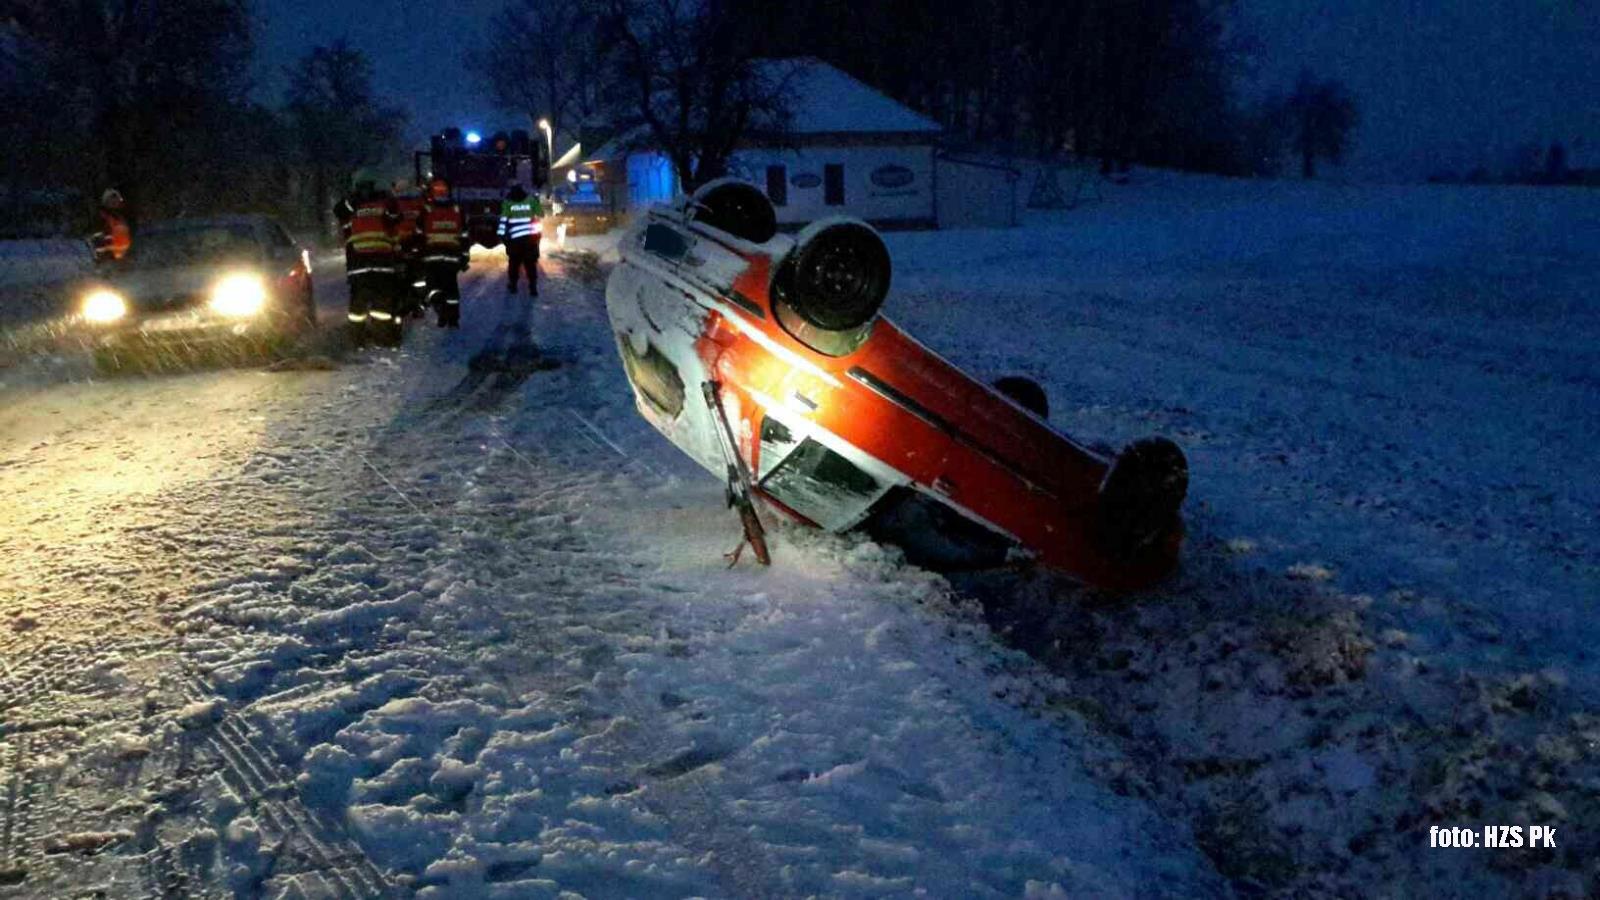 Spadne trocha sněhu a hasiči se nezaství...